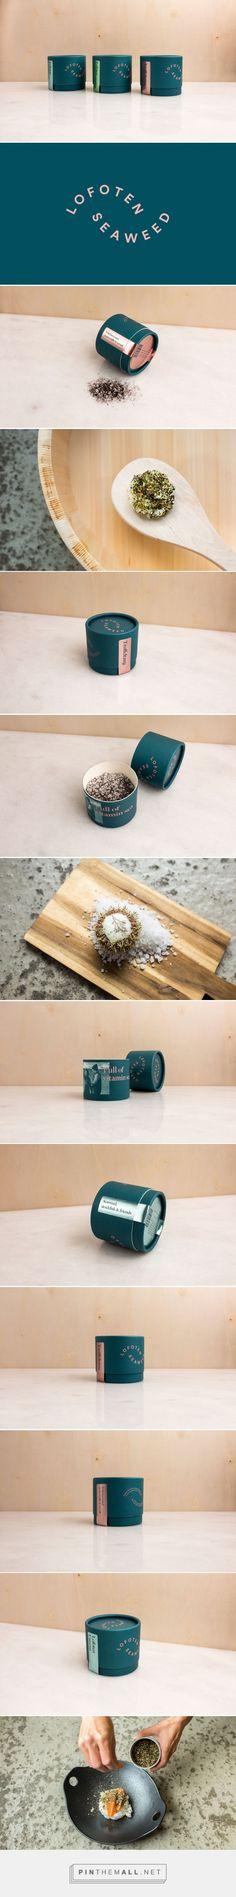 Lofoten Seaweed Packaging by by north™